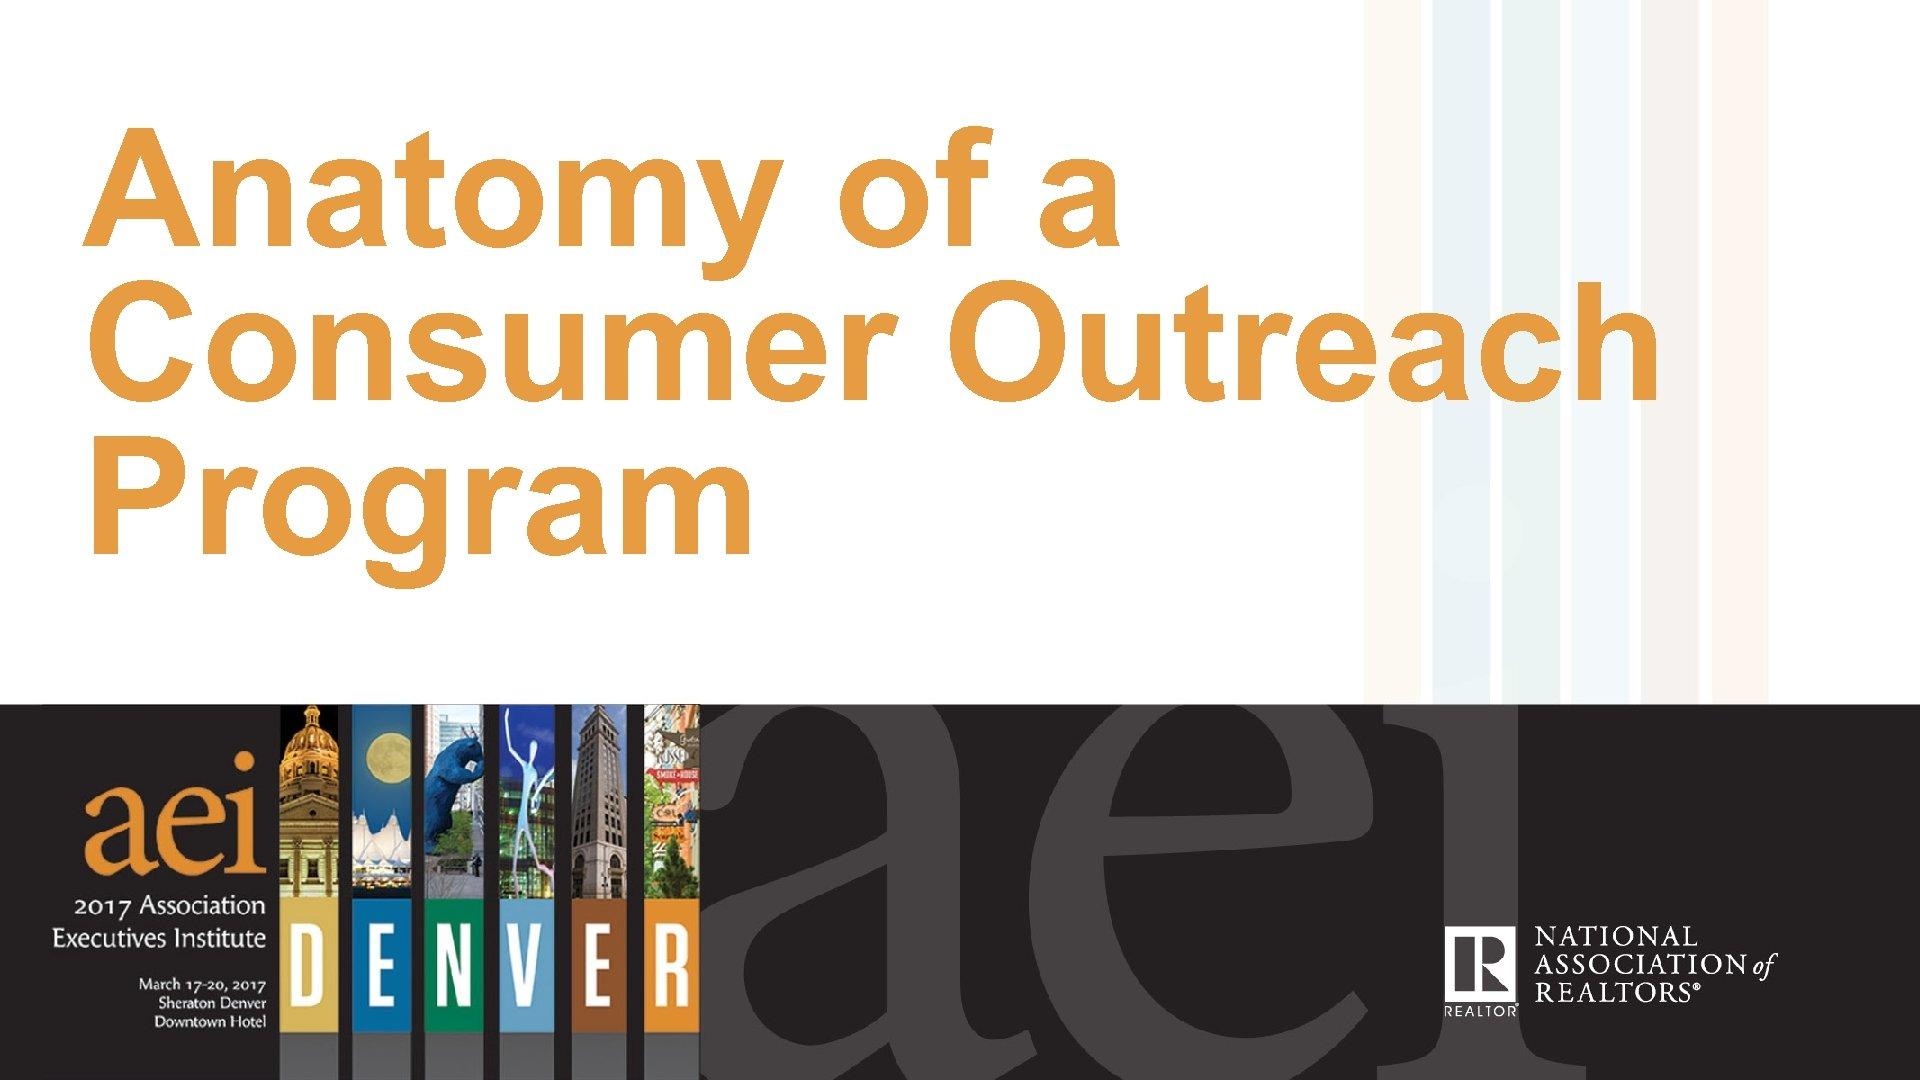 Anatomy of a Consumer Outreach Program